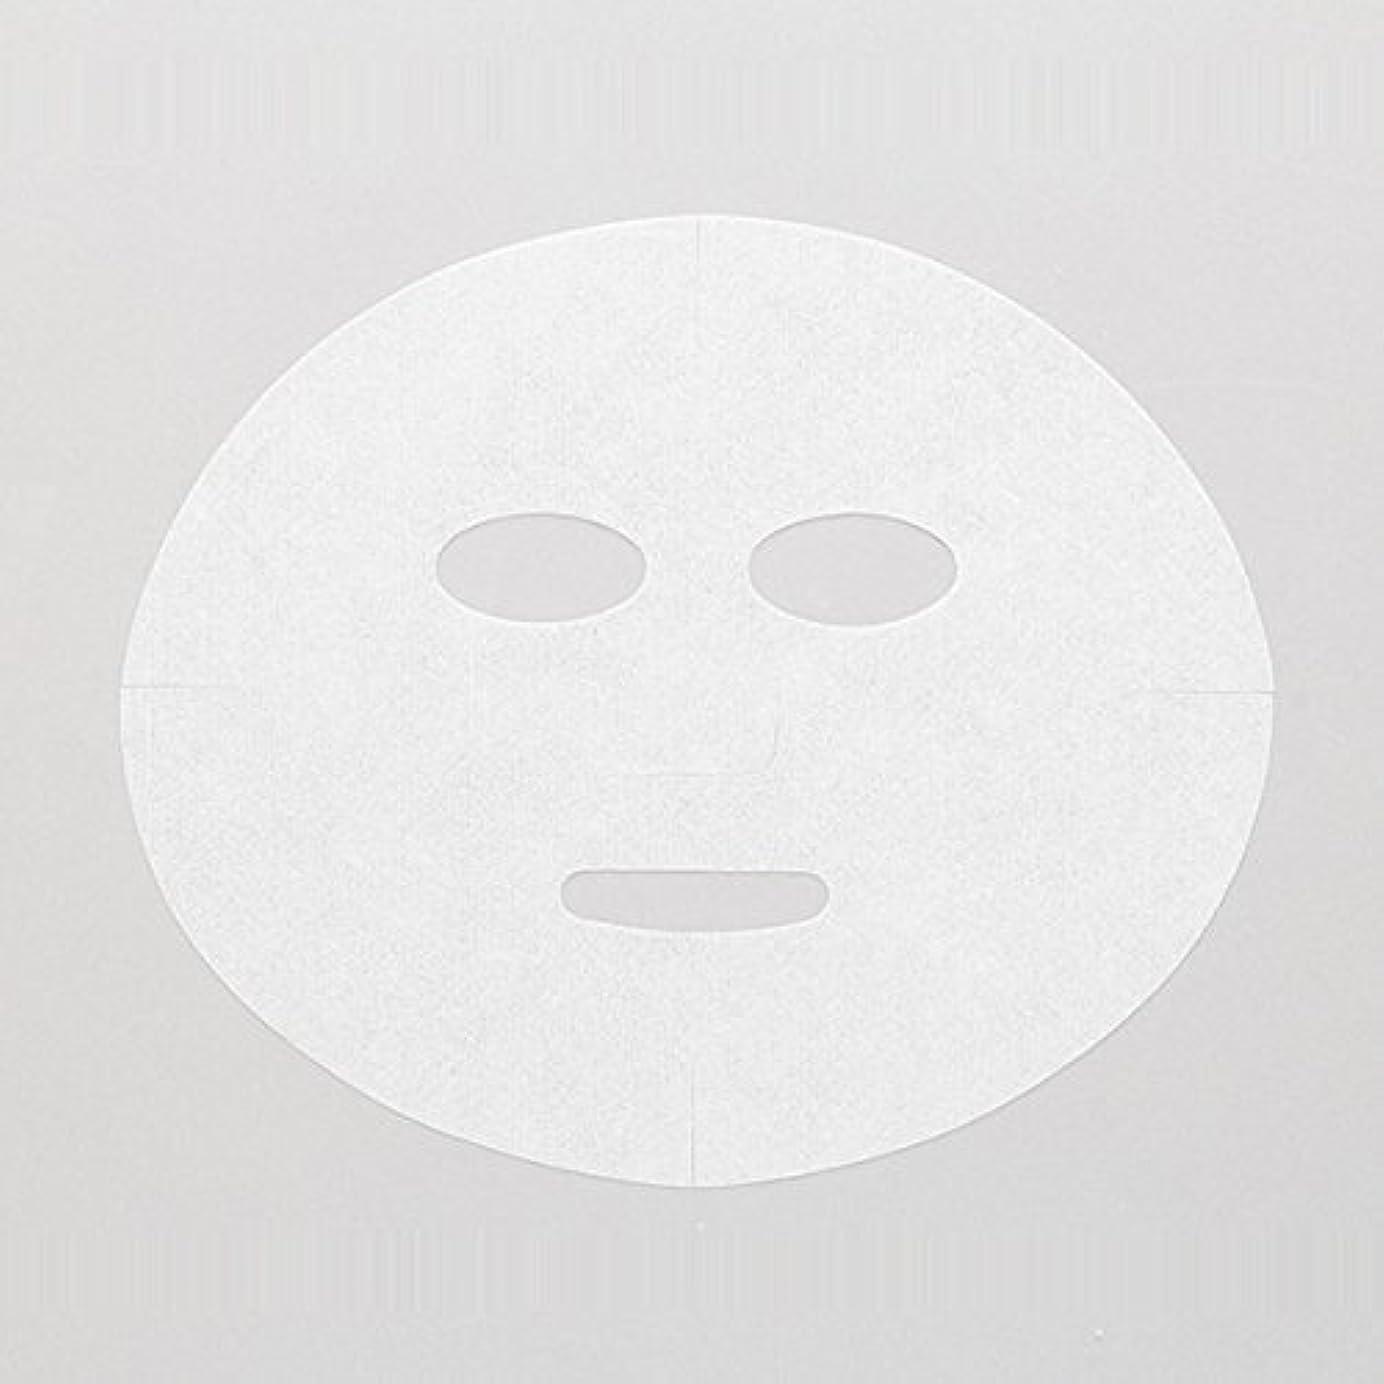 笑いパン屋紳士気取りの、きざな高保水 フェイシャルシート (マスクタイプ 化粧水無) 80枚 24×20cm [ フェイスマスク フェイスシート フェイスパック フェイシャルマスク シートマスク フェイシャルシート フェイシャルパック ローションマスク...